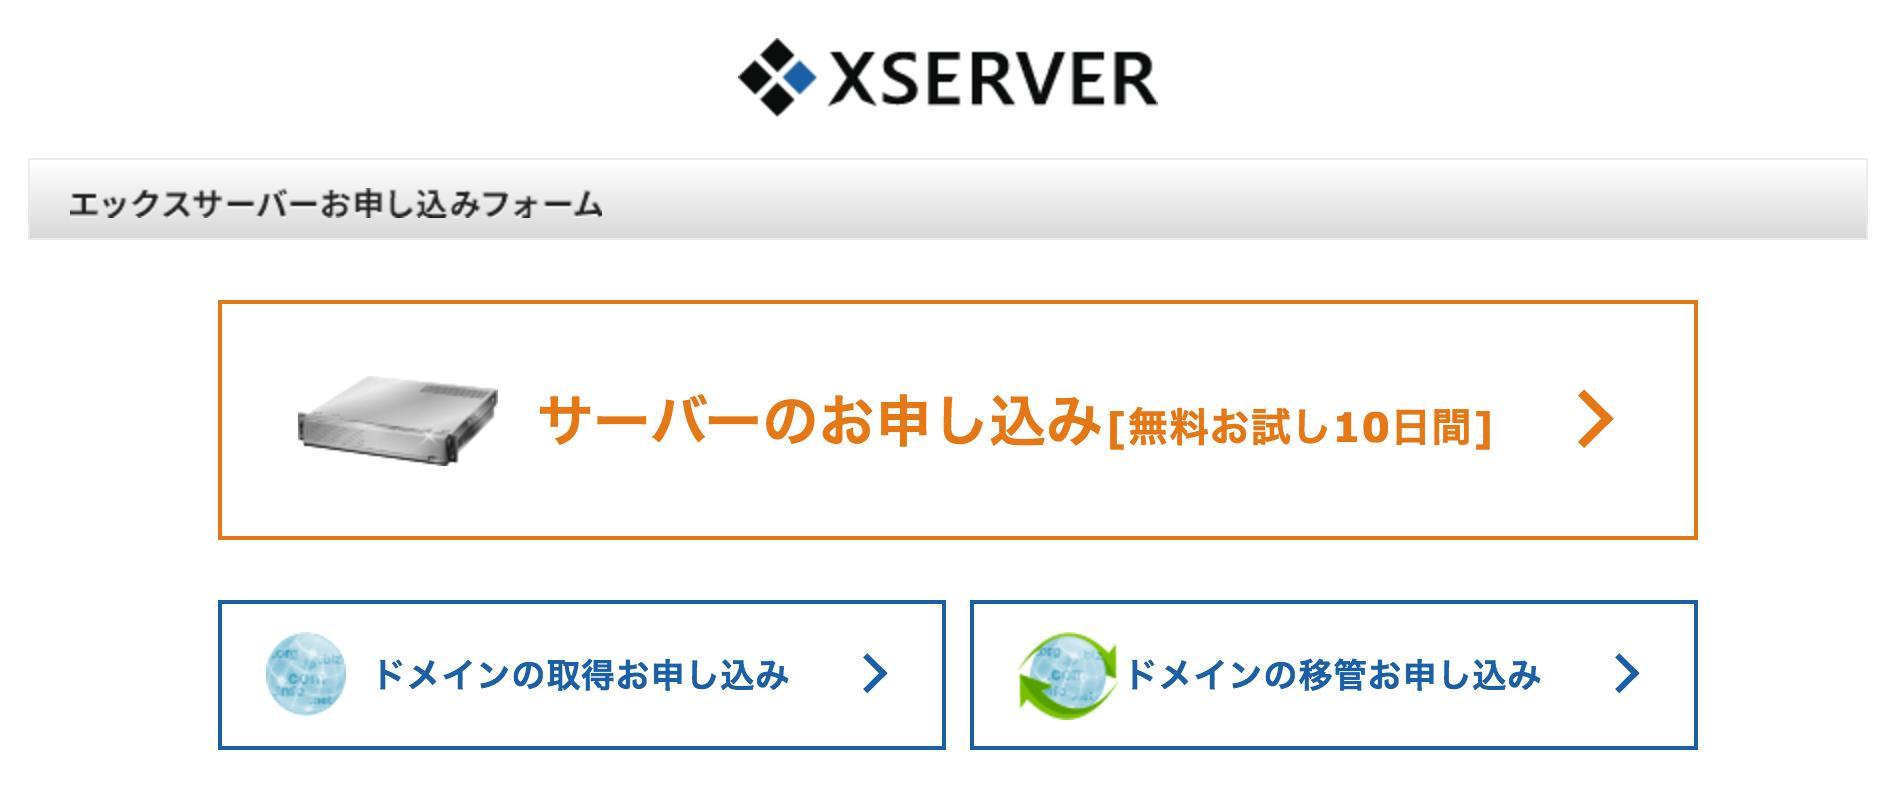 Xserver_004